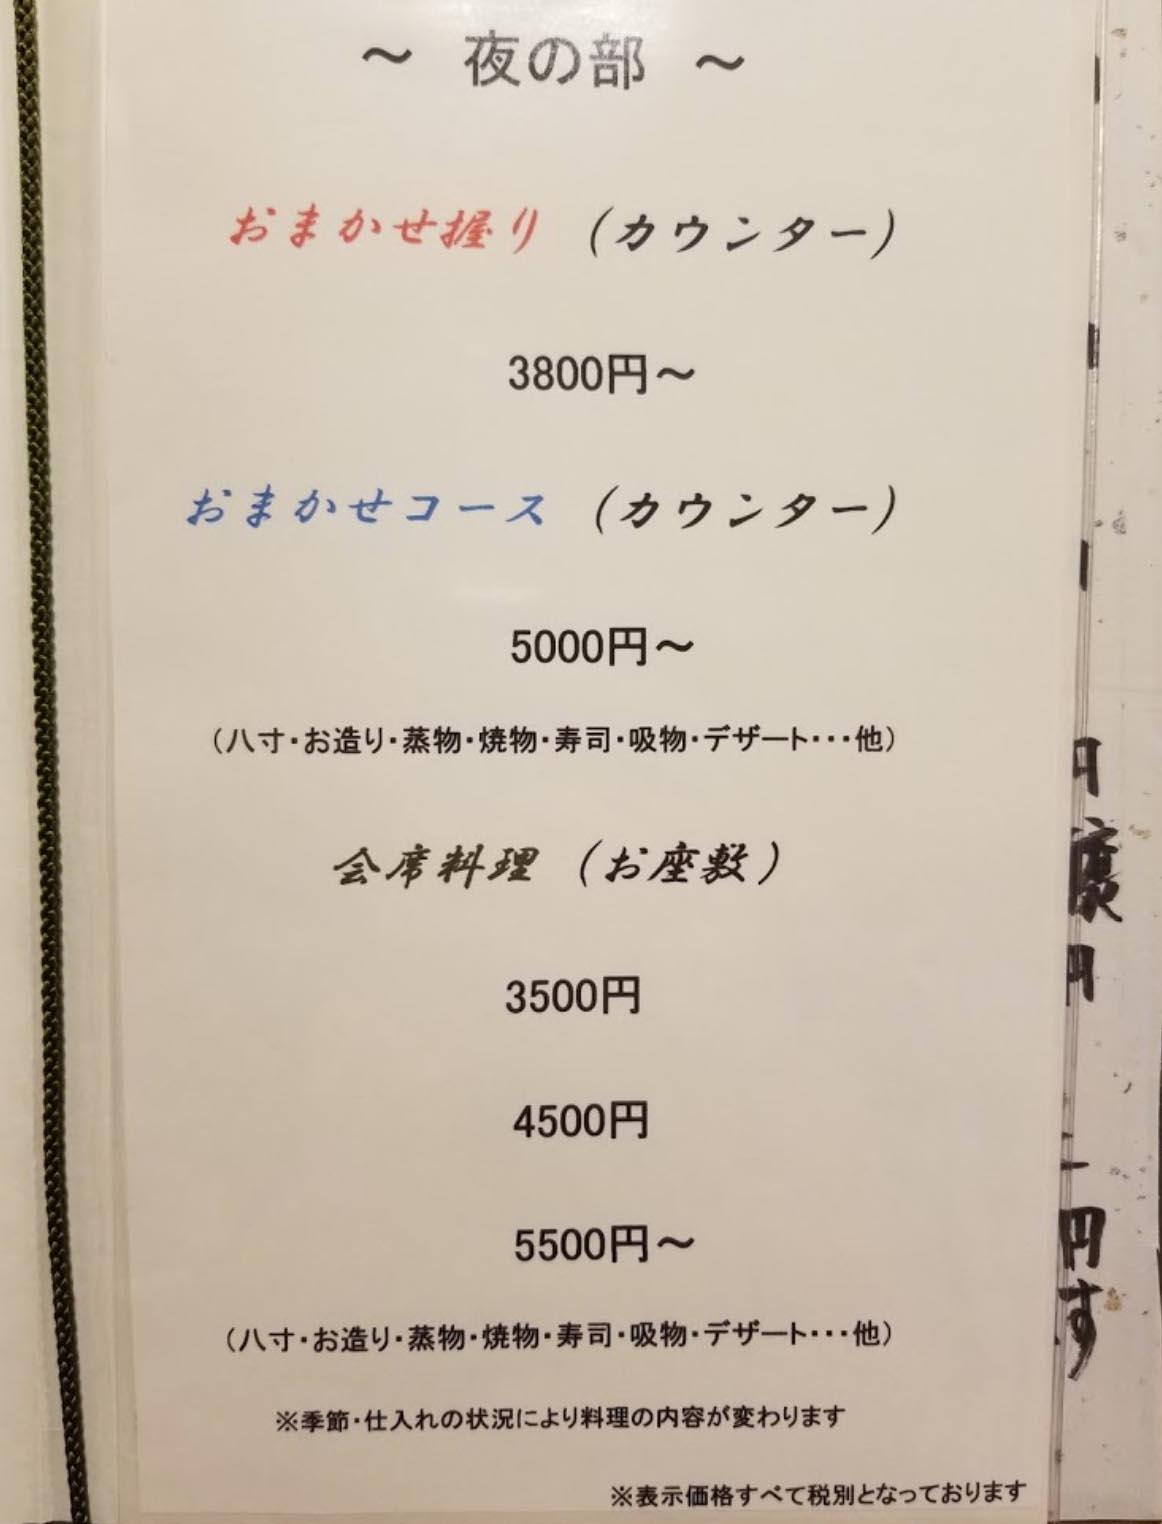 鮨幸のディナーメニュー表